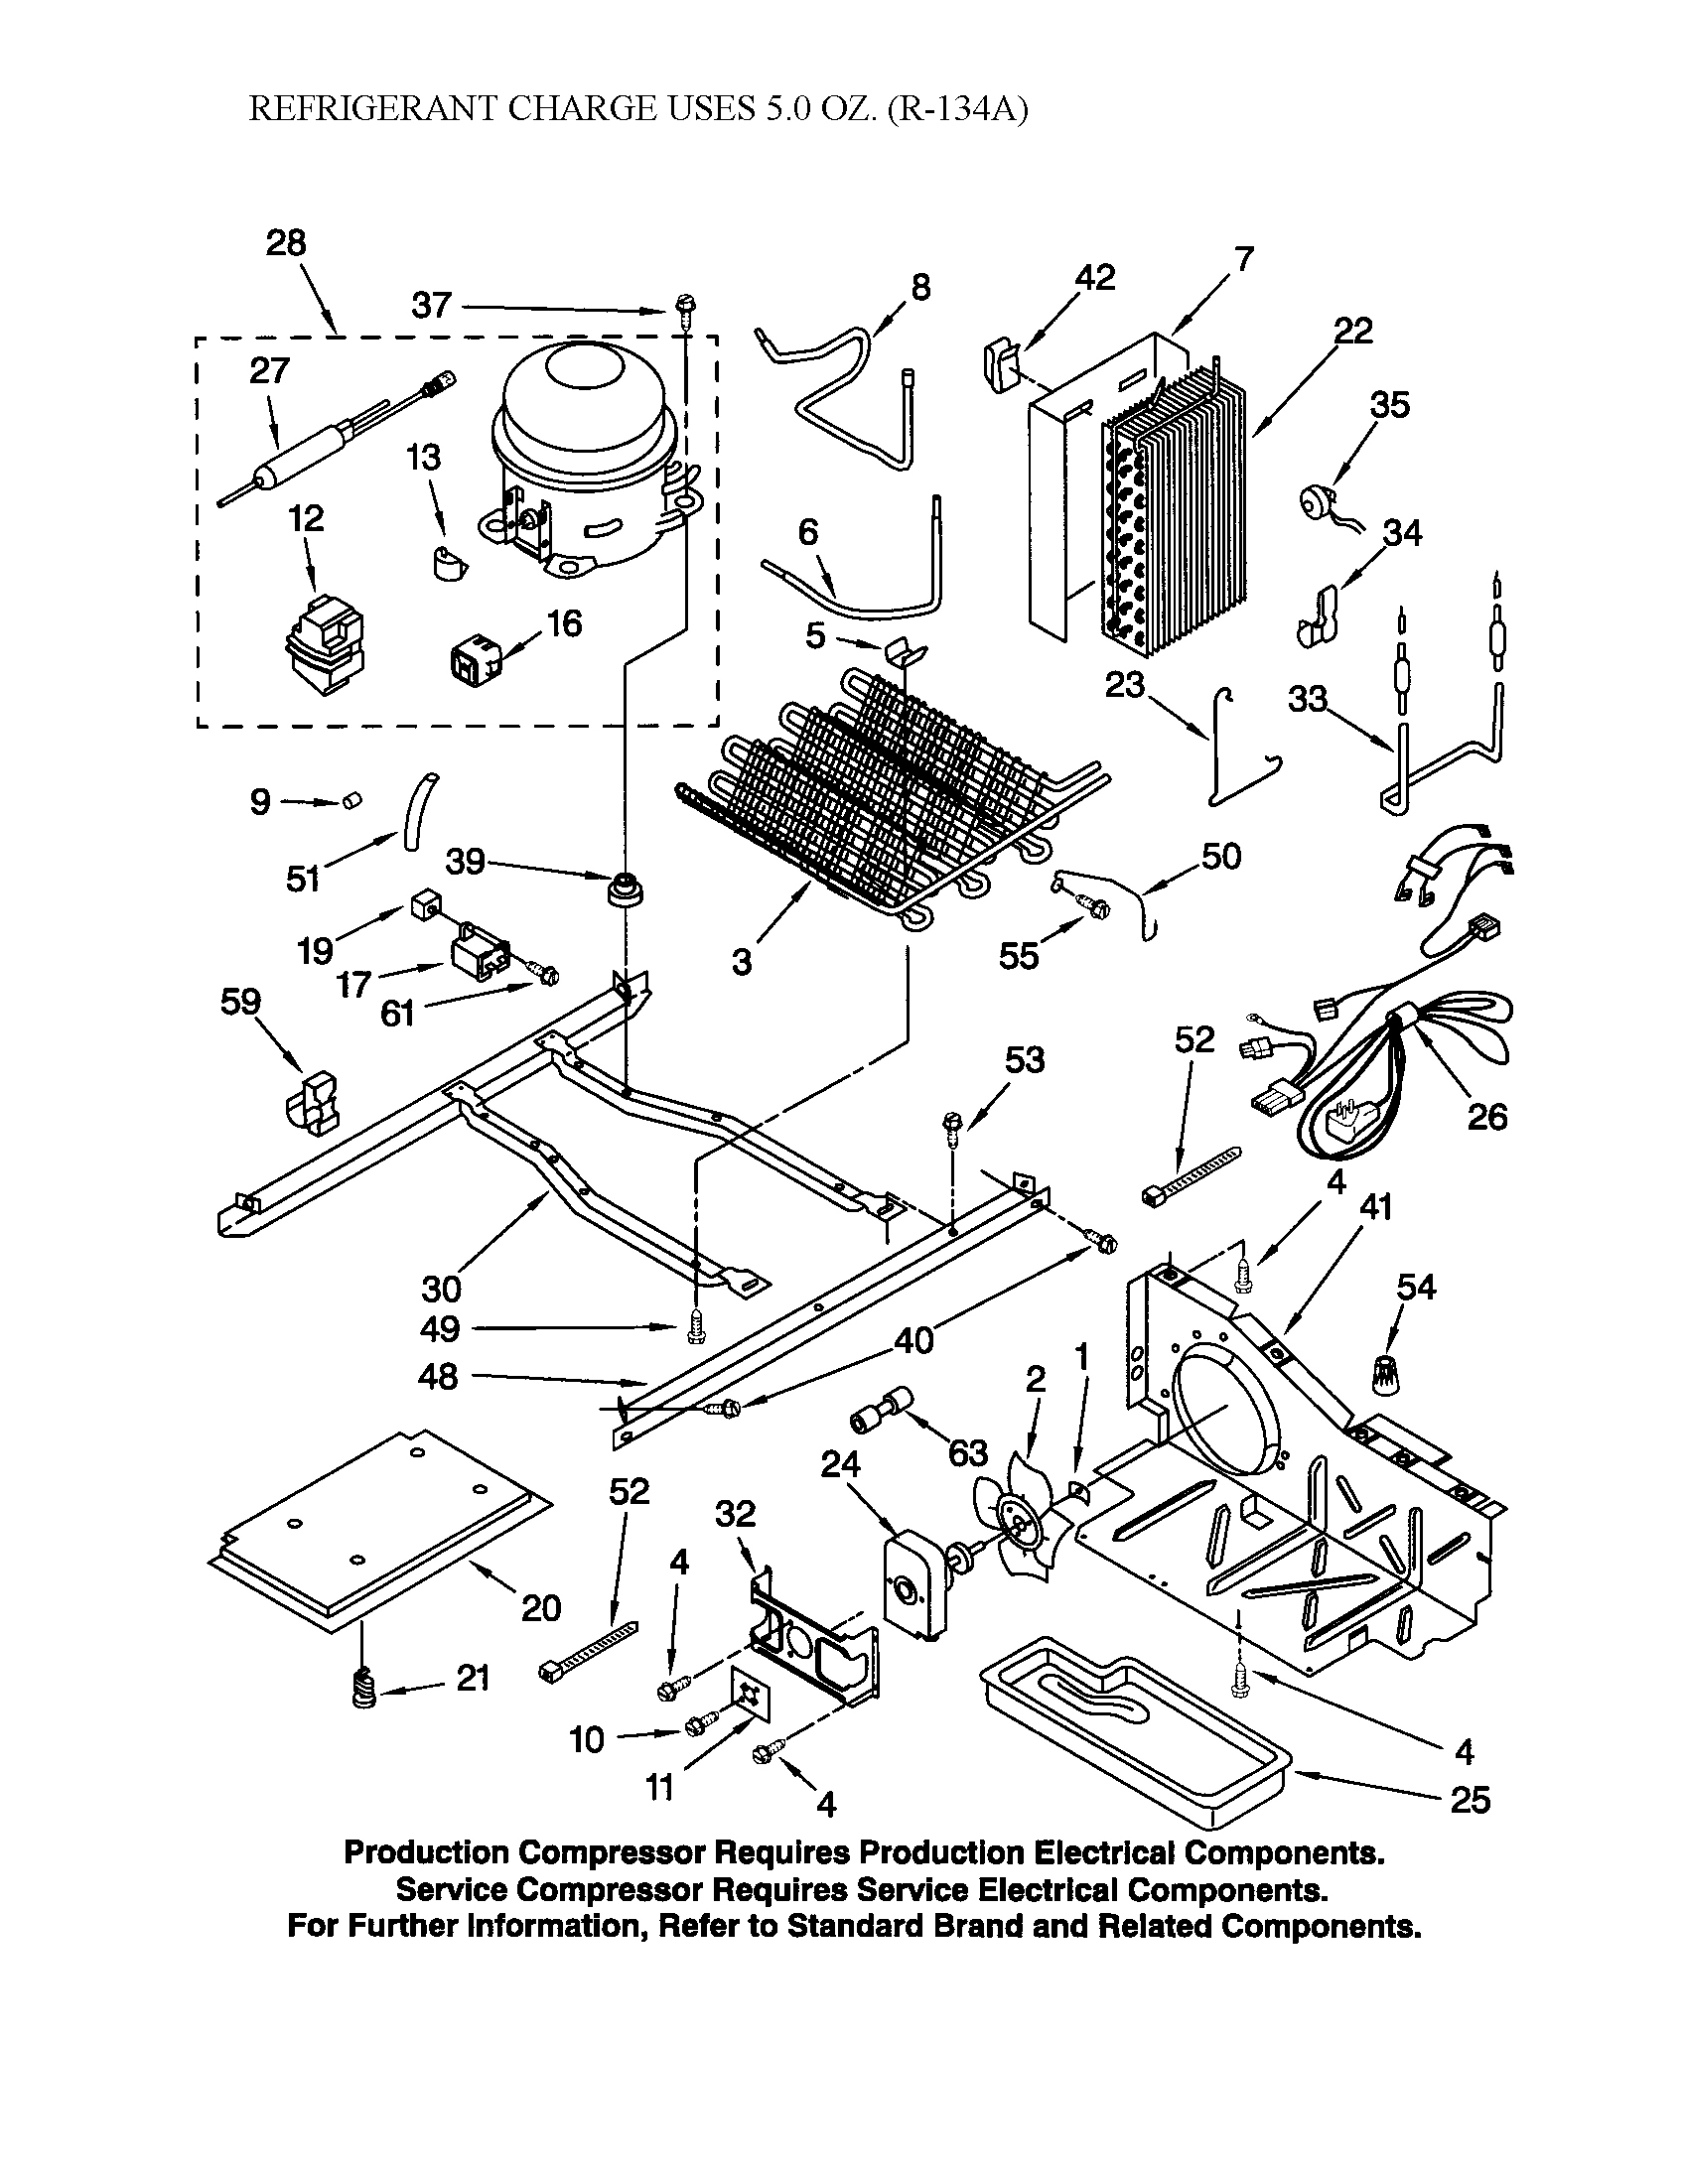 UNIT Diagram & Parts List for Model 10653552202 Kenmore